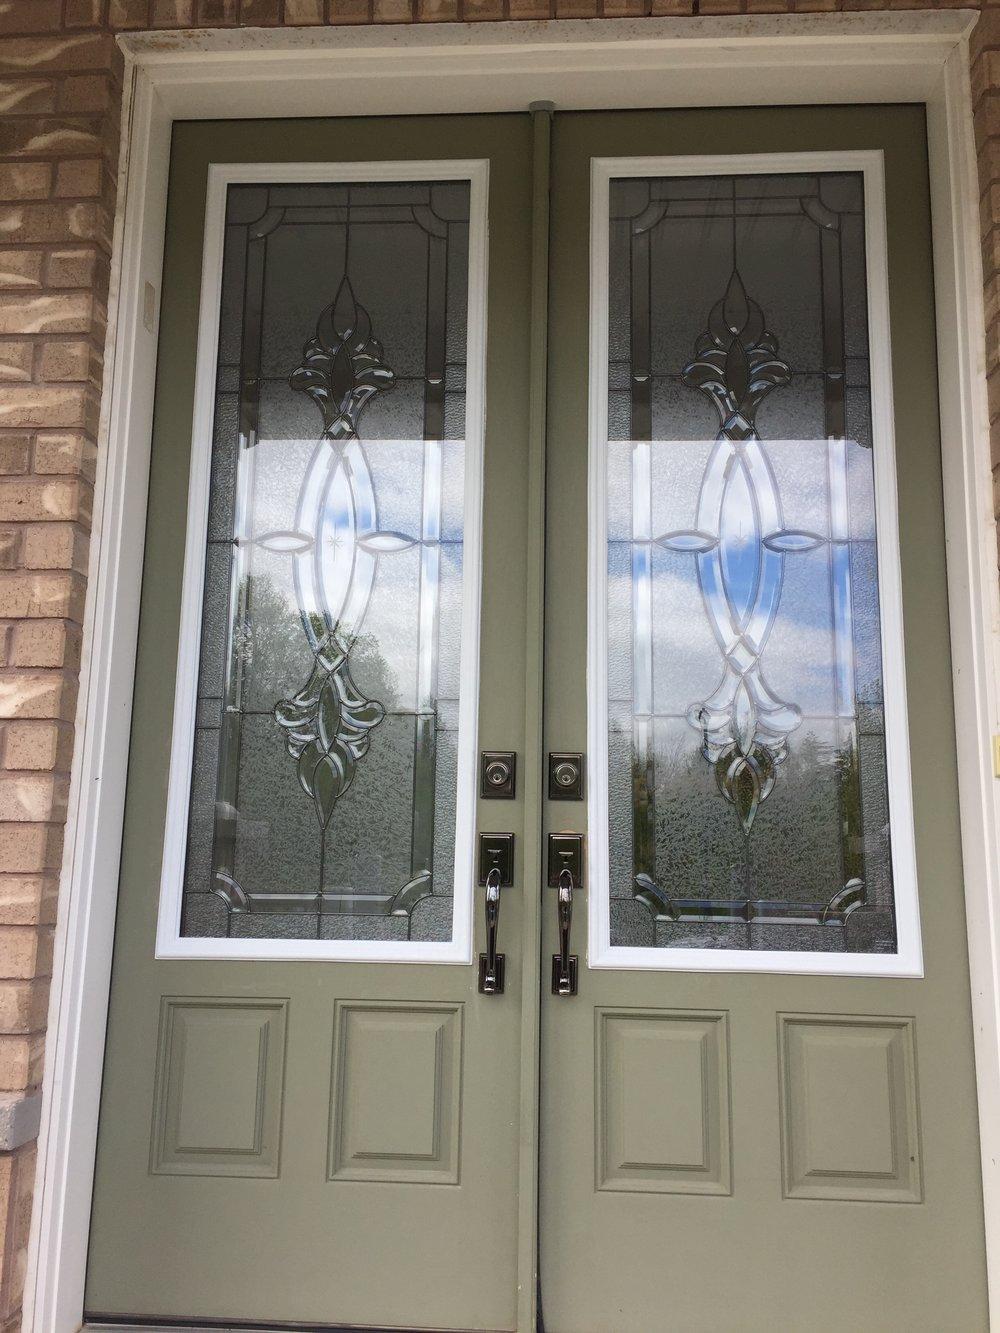 Northhampton-Decorative-Glass-Door-Inserts-Midland-ontario